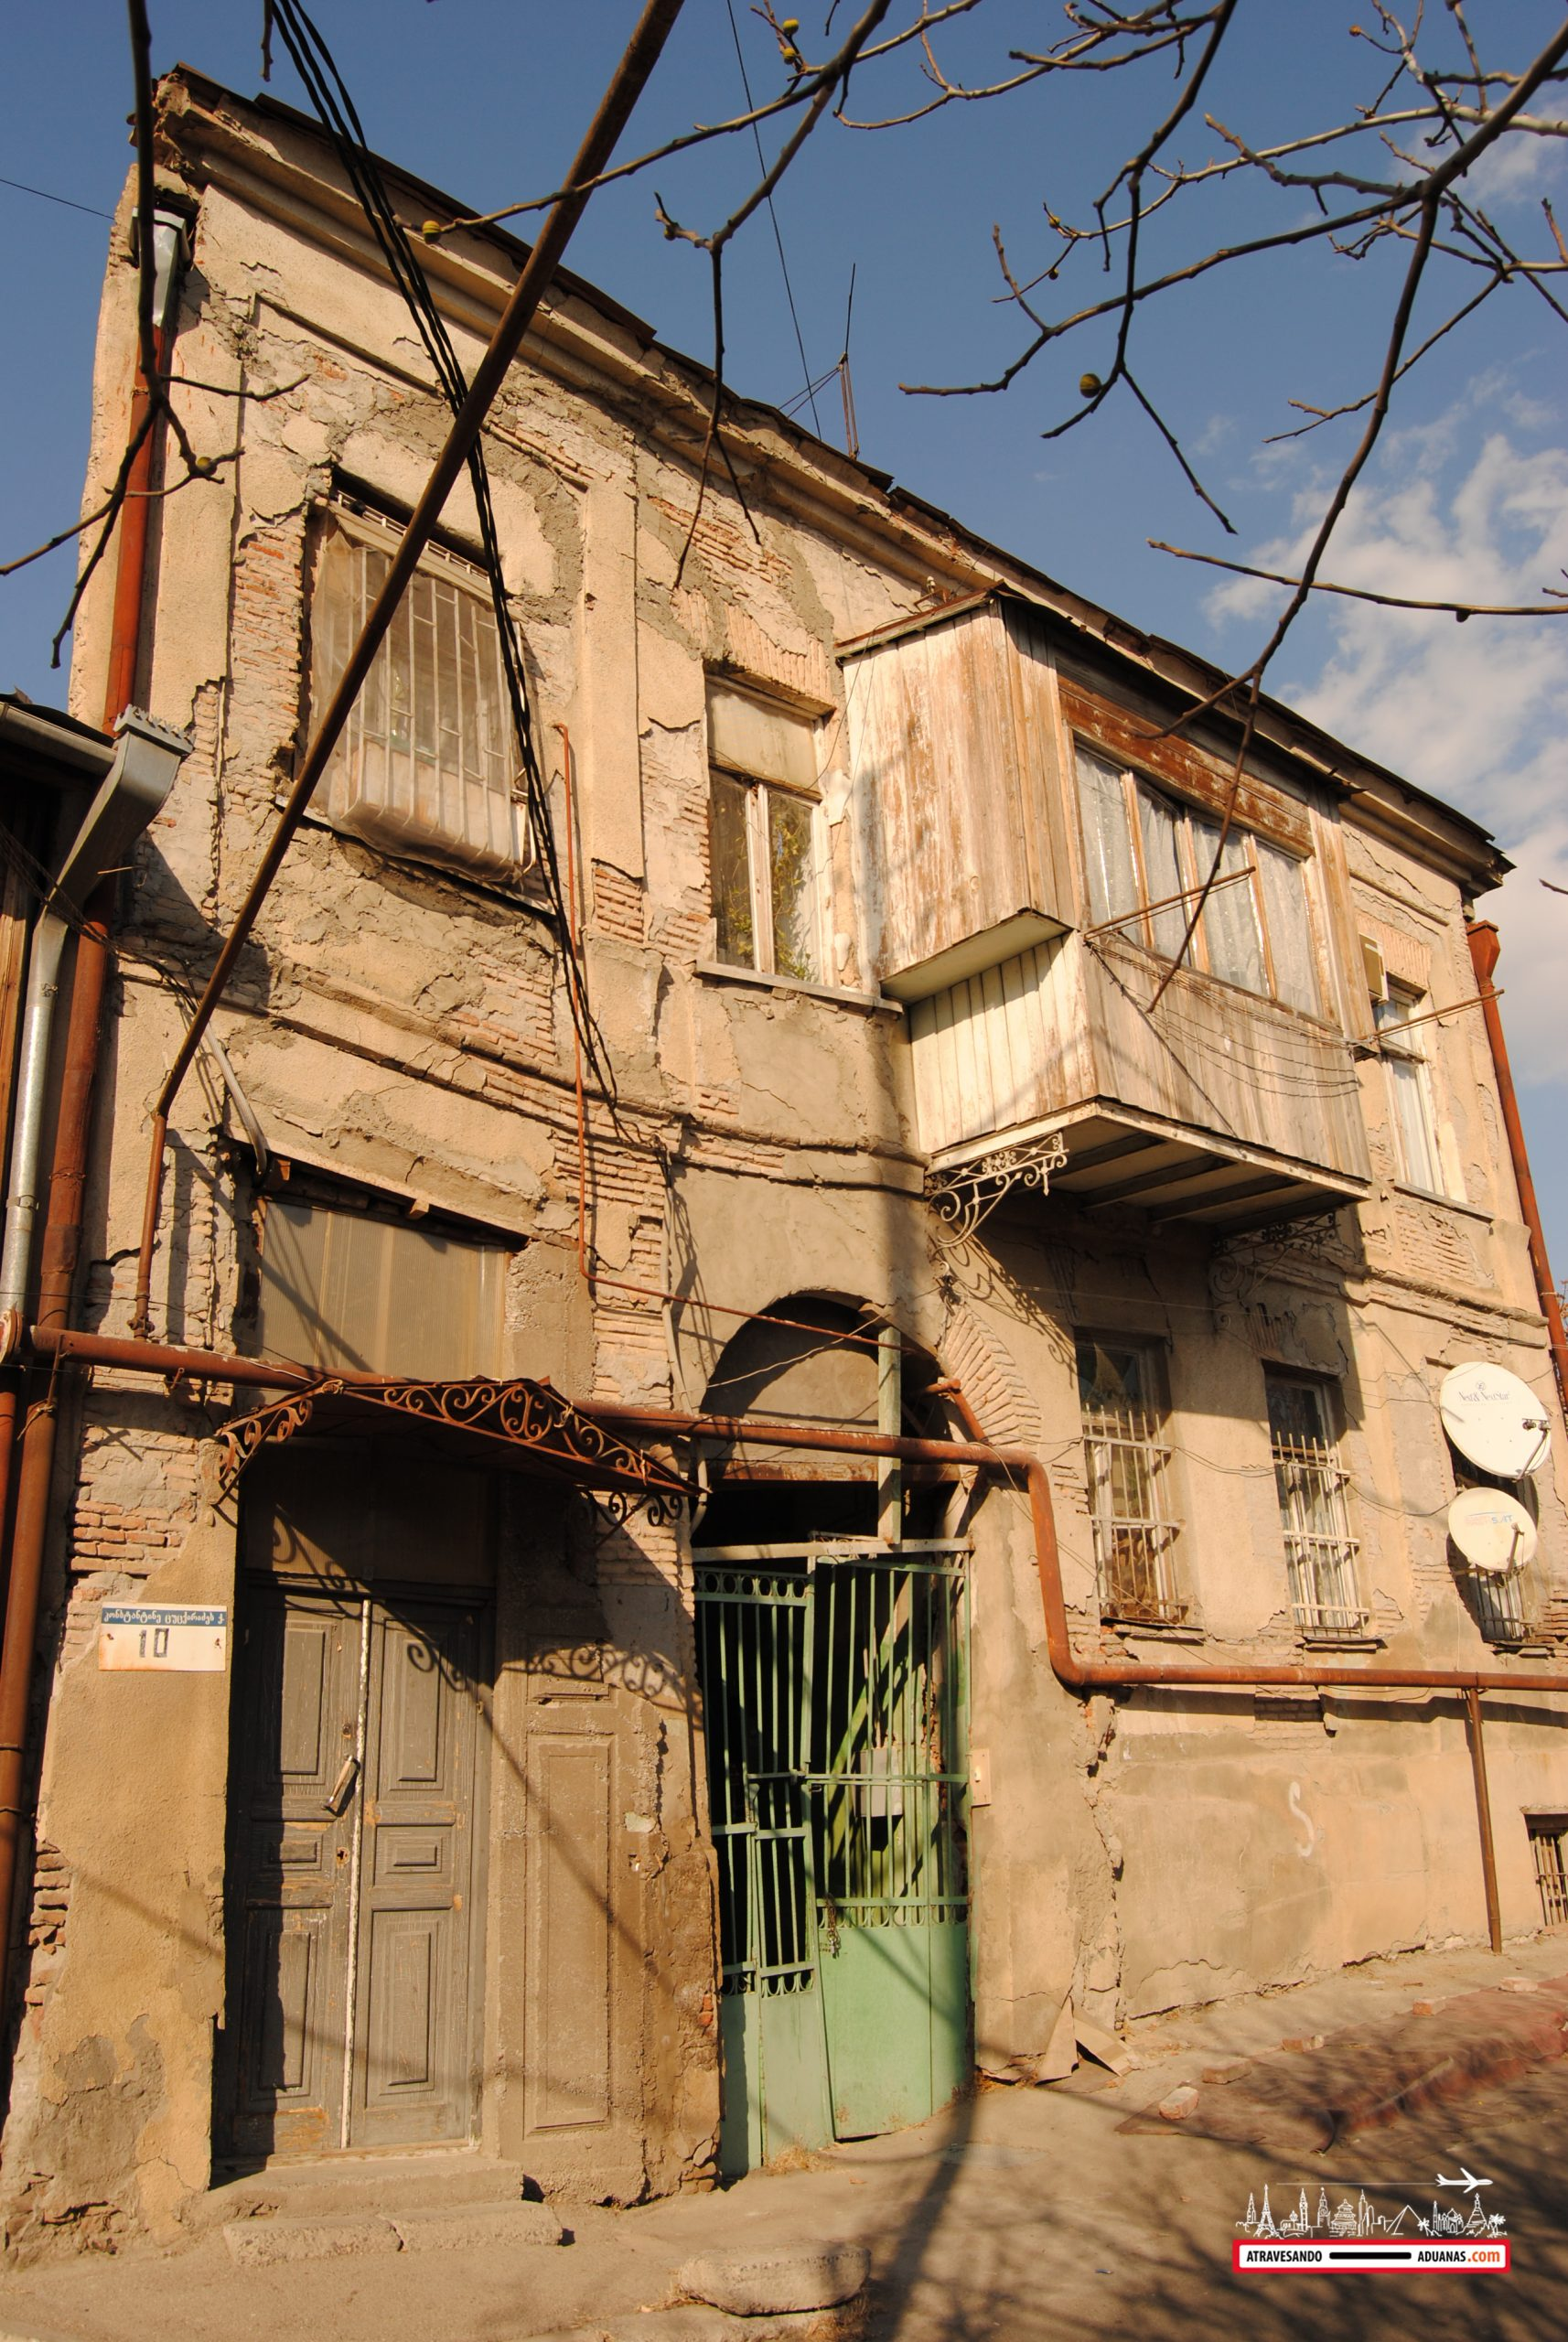 edificio en el barrio antiguo de avlabari